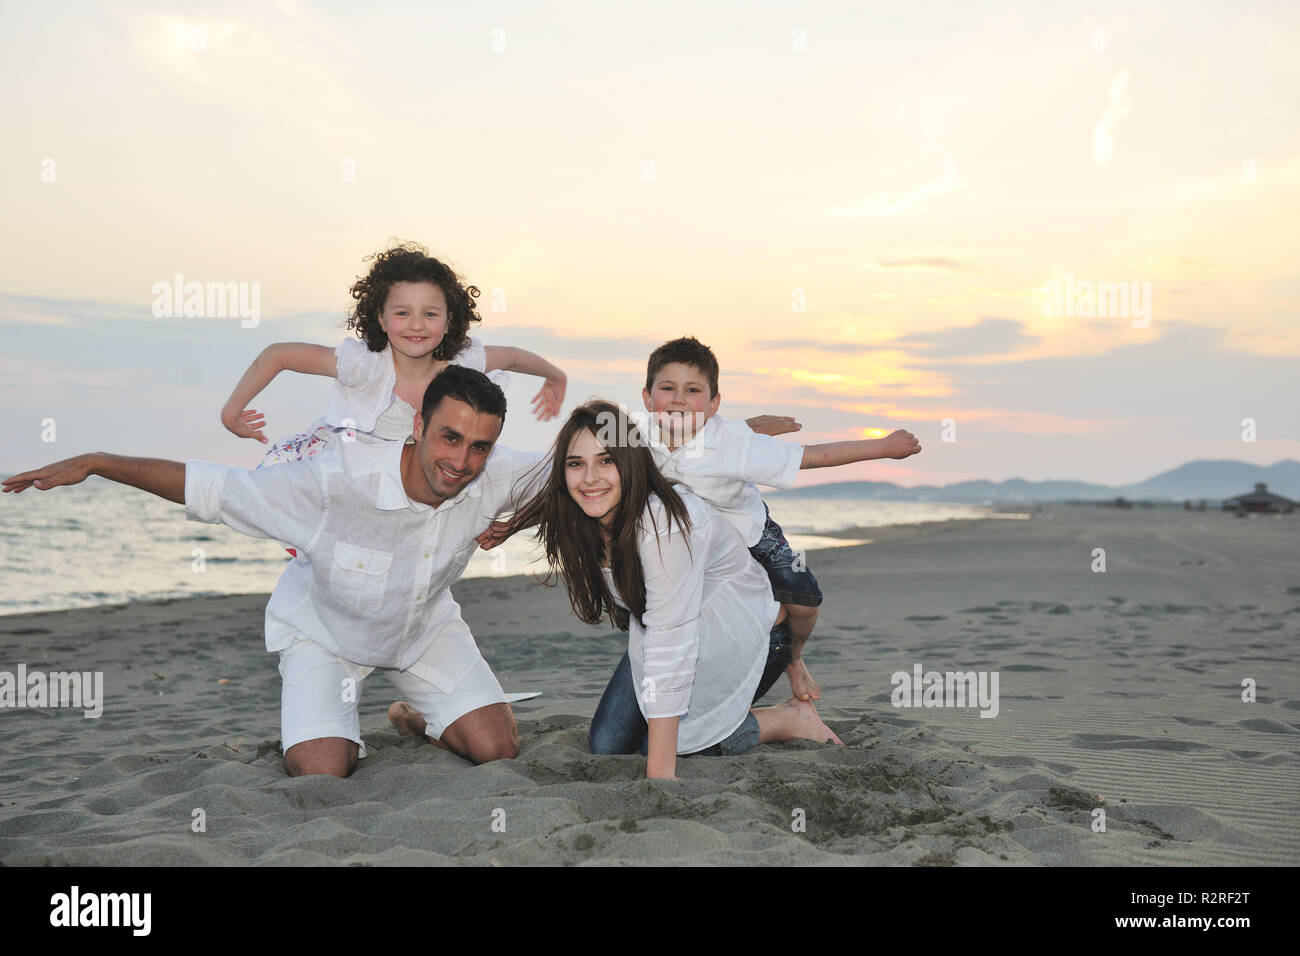 glückliche junge Familie viel Spaß und live gesunden Lebensstil am Strand Stockbild